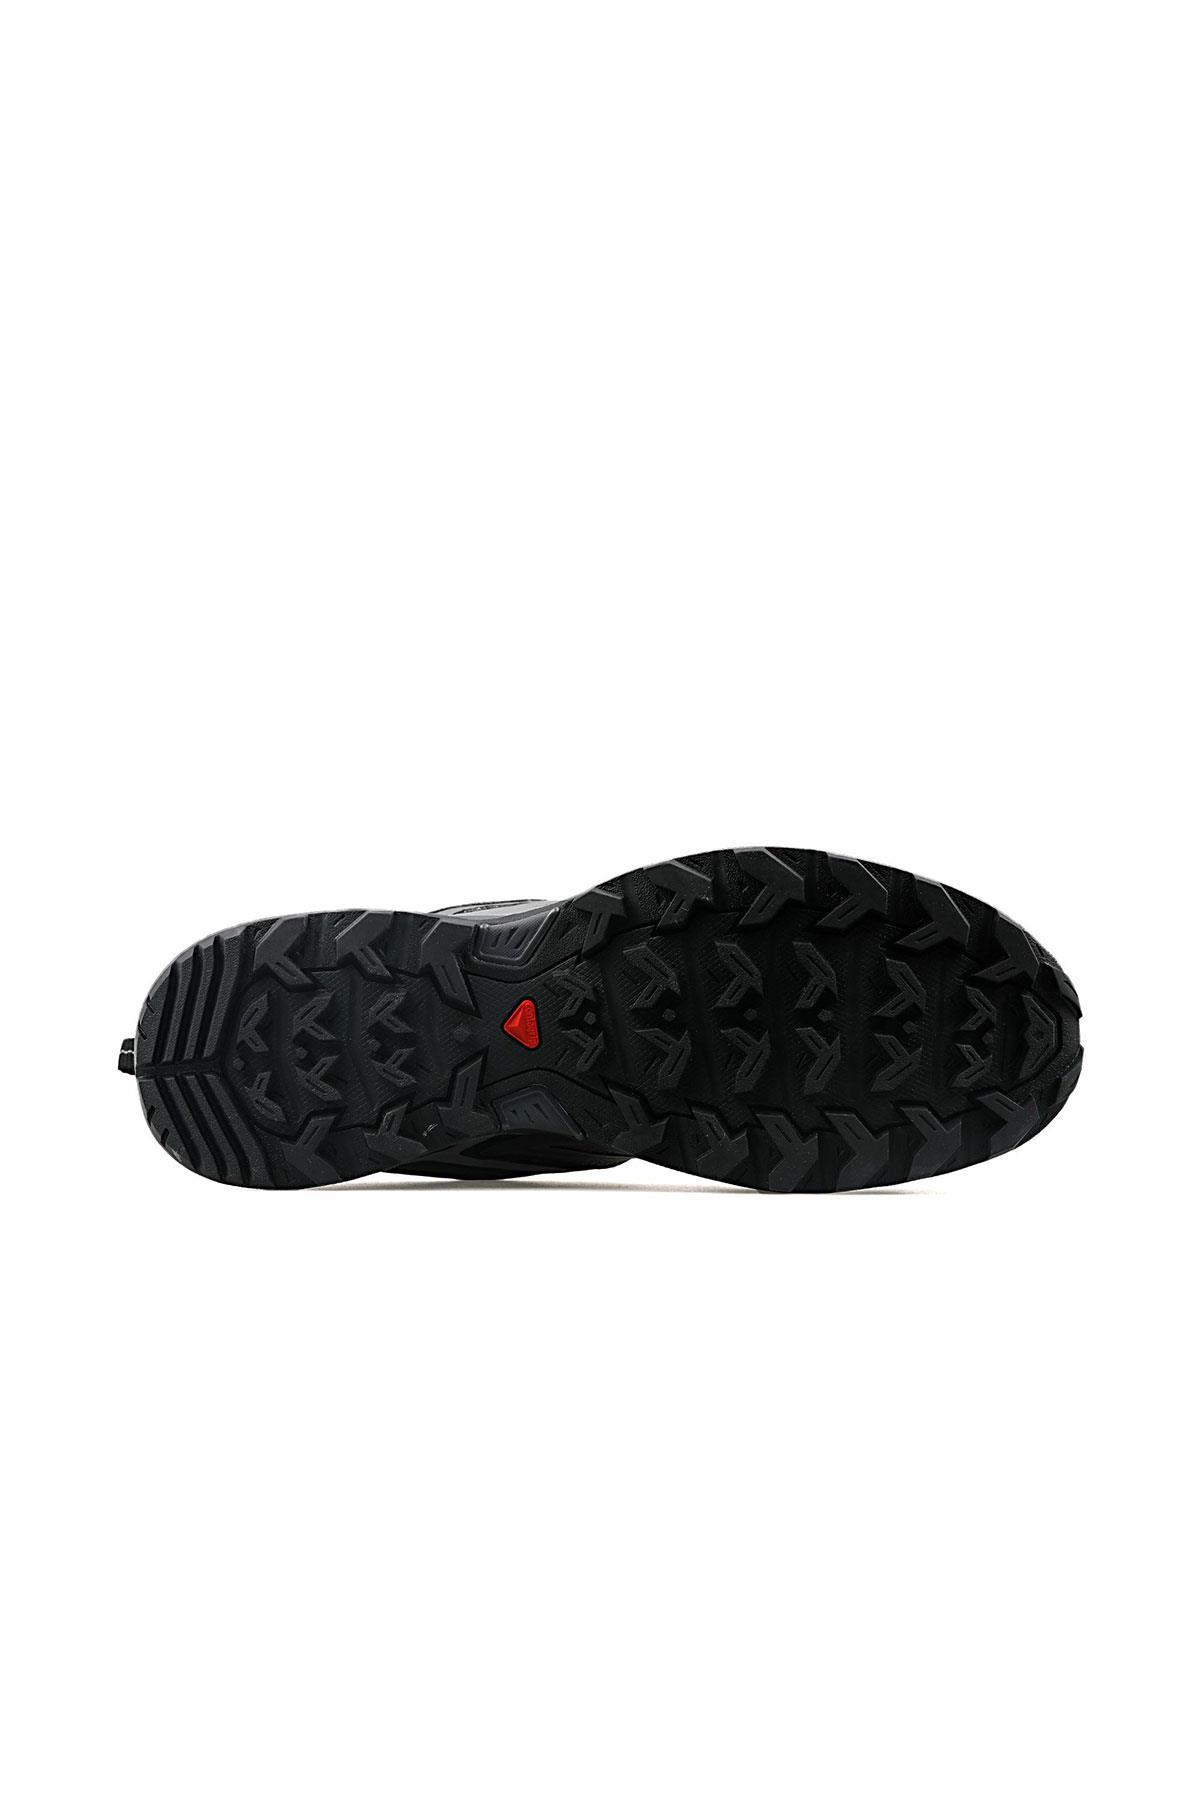 Salomon X Ultra 3 Goretex  Ayakkabı